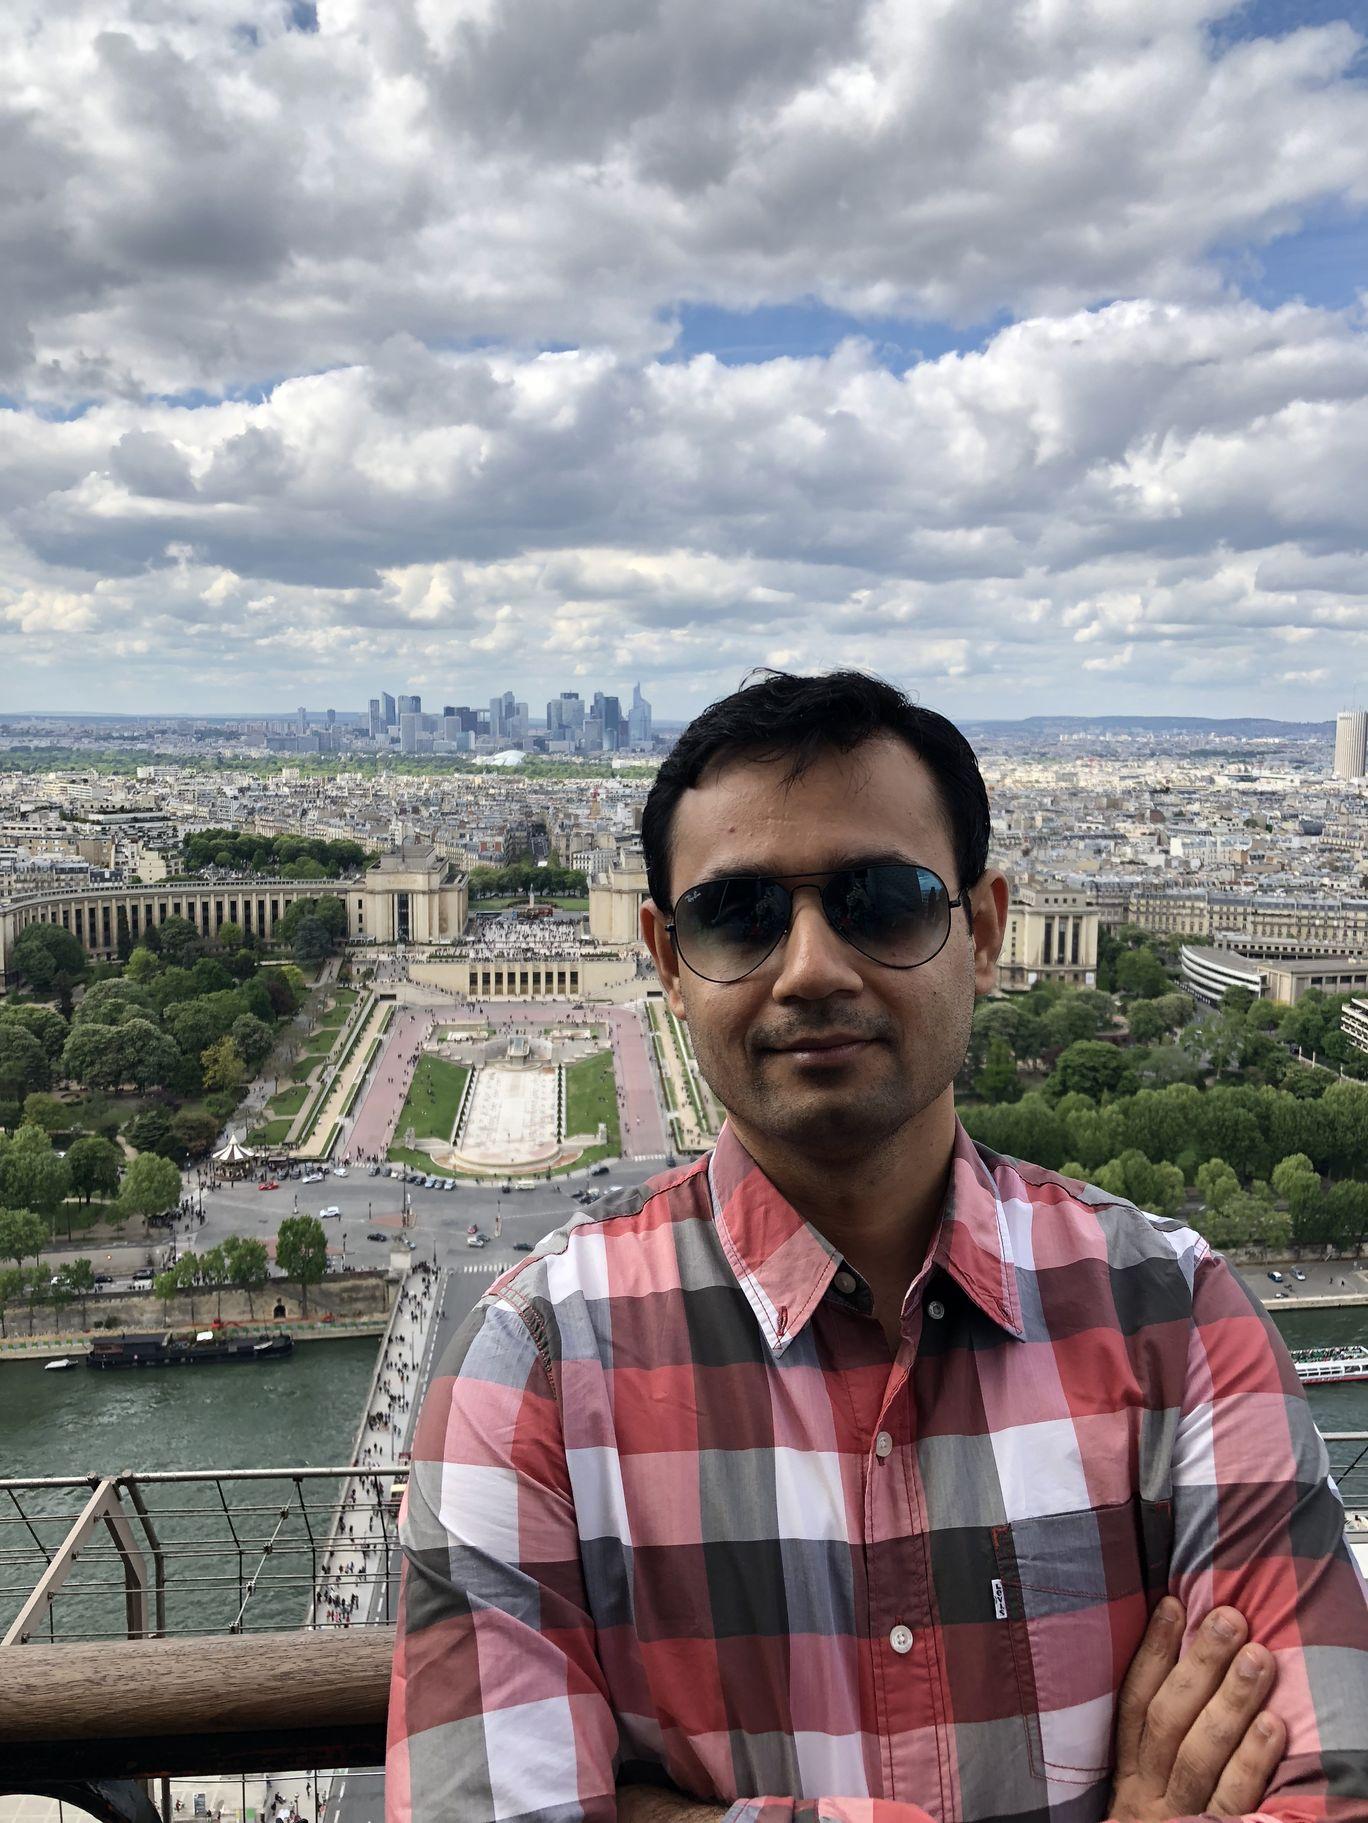 Photo of Paris By Manu Jain